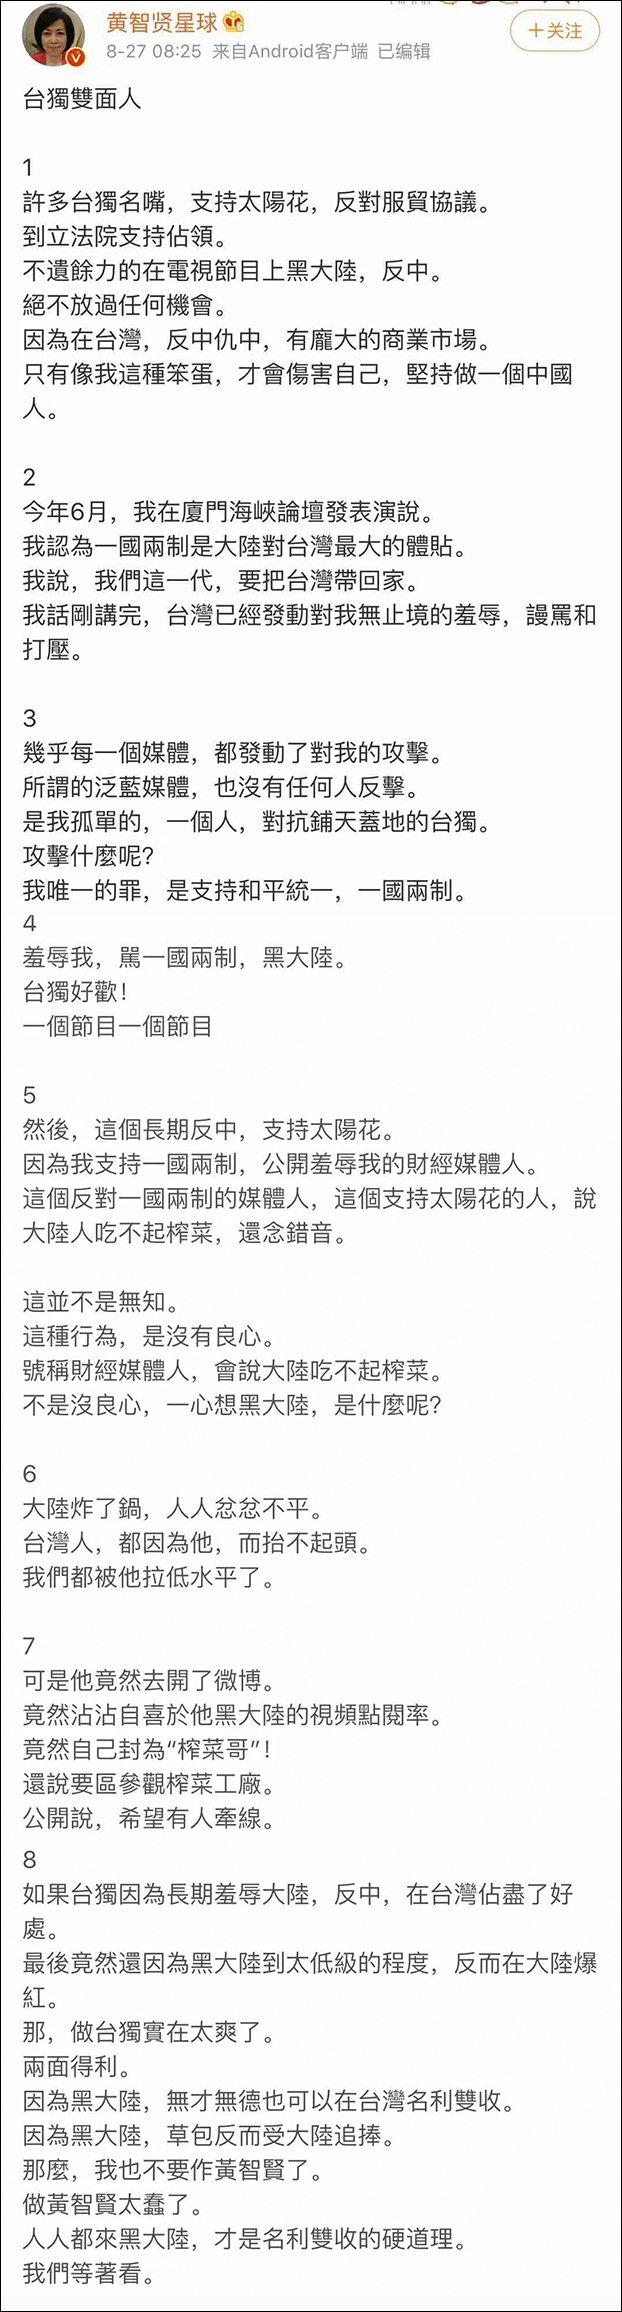 圖/擷取自黃智賢臉書